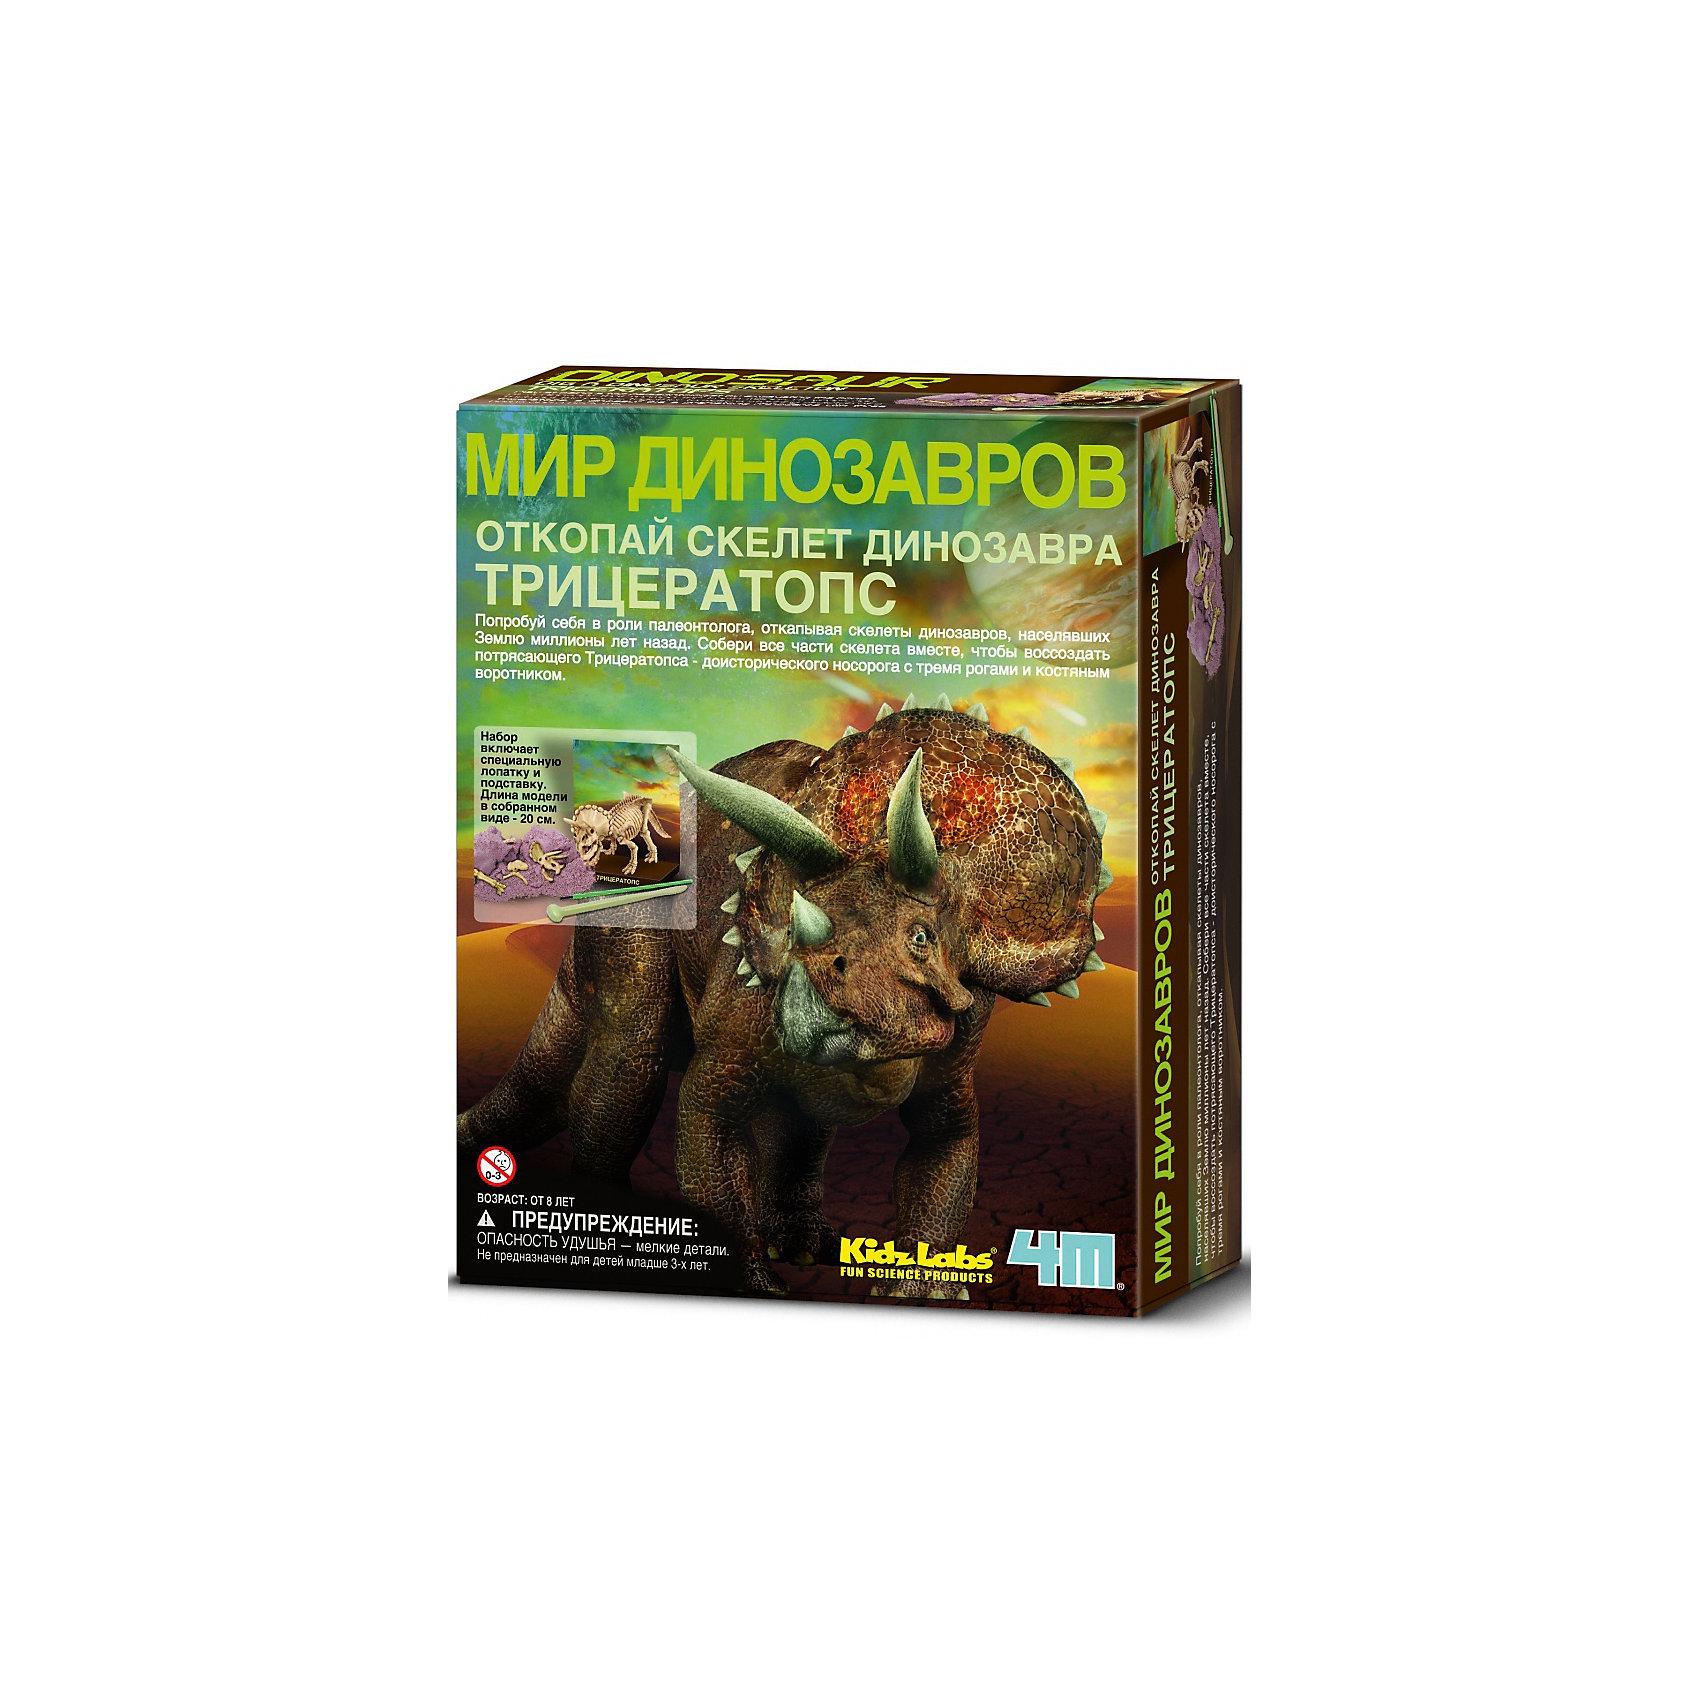 Скелет Трицератопса, 4МНаборы для раскопок<br>С набором Скелет Трицератопса, 4М Ваш ребенок может самостоятельно провести раскопки и отыскать кости потрясающего Трицератопса – доисторического носорога с тремя рогами и костяным воротником. Специальными археологическими инструментами (молоточком, скребком и кисточкой) нужно аккуратно расчистить гипсовый брикет красно-бурого цвета, имитирующий слой земли, освобождая косточку за косточкой. Когда работа на этом этапе подойдет к концу, начнется увлекательная сборка скелета – в соответствии с наглядной инструкцией ребенок соединяет кости с помощью мягкого воска. Самостоятельно собранный скелет древнего ящера станет отличным декором в комнате! <br><br>Характеристики:<br>-Развивает: мелкую моторику рук, фантазию, воображение, сообразительность, любознательность, усидчивость<br>-Расширенные возможности серии: можно собрать коллекцию скелетов динозавров<br>-В процессе раскопки костей и сборки ребенок знакомится со строением скелета динозавра <br>-Собранная модель может являться наглядным пособием <br><br>Комплектация:<br>-кисточка<br>-скребок с молоточком<br>-мягкий воск<br>-брикет, имитирующий слой земли (11,5х9х4,5 см)<br>-кости динозавра <br>-инструкция <br><br>Дополнительная информация:<br>-Вес в упаковке: 500 г<br>-Размеры в упаковке: 215х165х60 мм<br>-Размеры собранного скелета: 200 мм<br>-Материал: гипс, пластмасса, бумага, воск<br><br>Детский набор для проведения археологических раскопок Скелет Трицератопса – это увлекательное путешествие в загадочный и полный неожиданных открытий мир палеонтологии!<br><br>Набор Скелет Трицератопса, 4М можно купить в нашем магазине.<br><br>Ширина мм: 215<br>Глубина мм: 165<br>Высота мм: 60<br>Вес г: 500<br>Возраст от месяцев: 60<br>Возраст до месяцев: 168<br>Пол: Унисекс<br>Возраст: Детский<br>SKU: 4043546